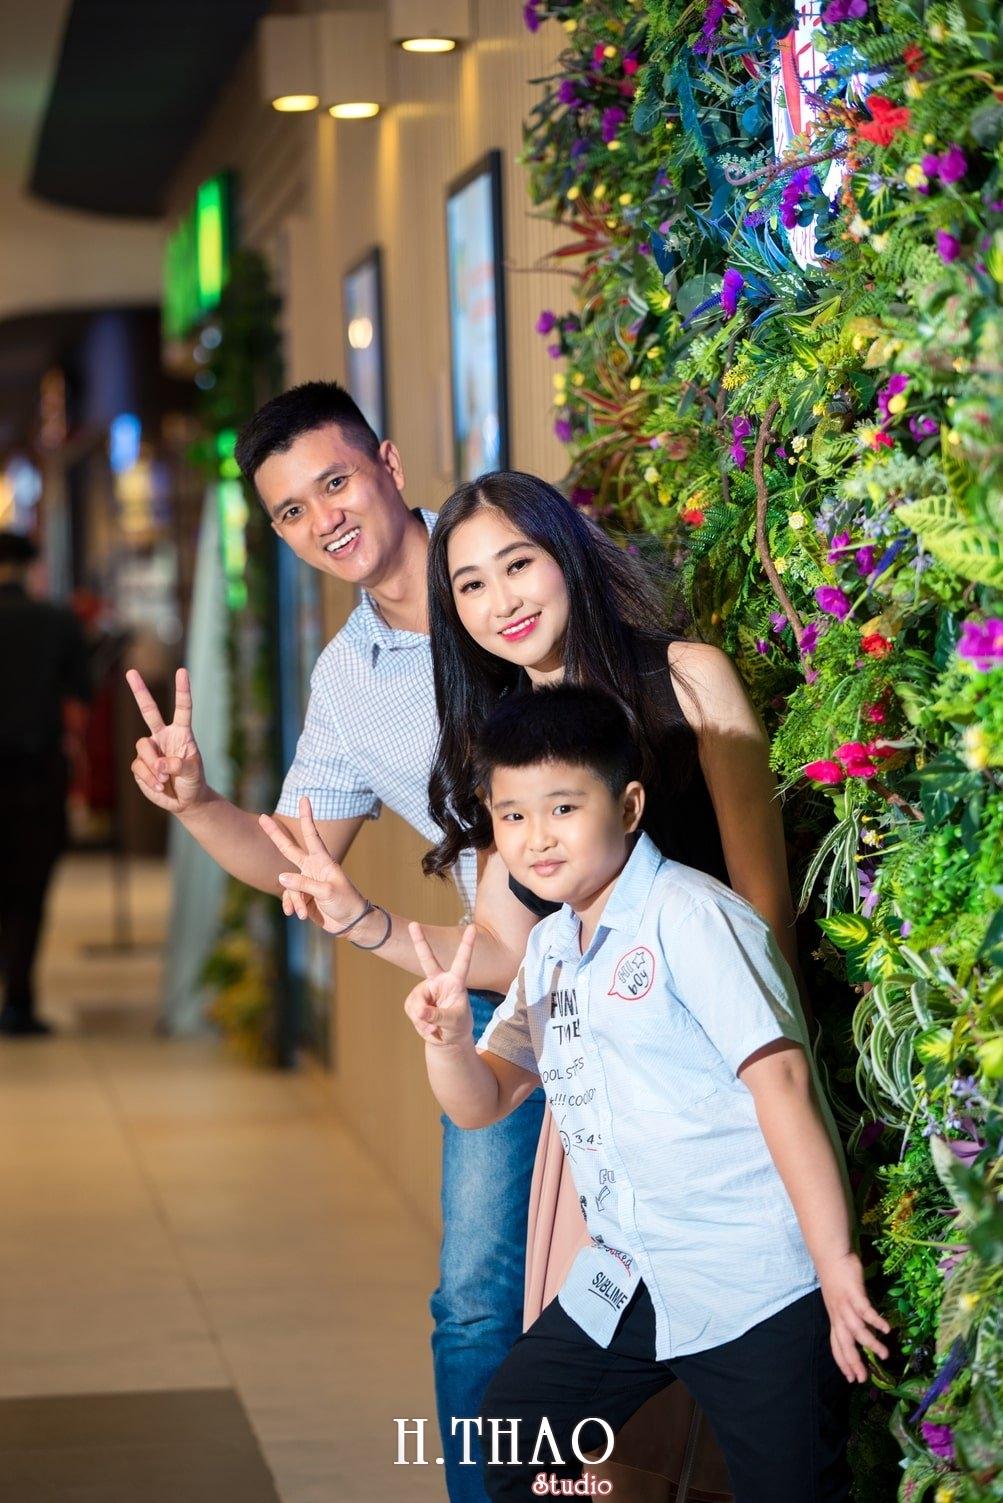 Anh Gia dinh 3 nguoi 27 - Bộ ảnh gia đình 3 người chụp ngoại cảnh đẹp tự nhiên - HThao Studio